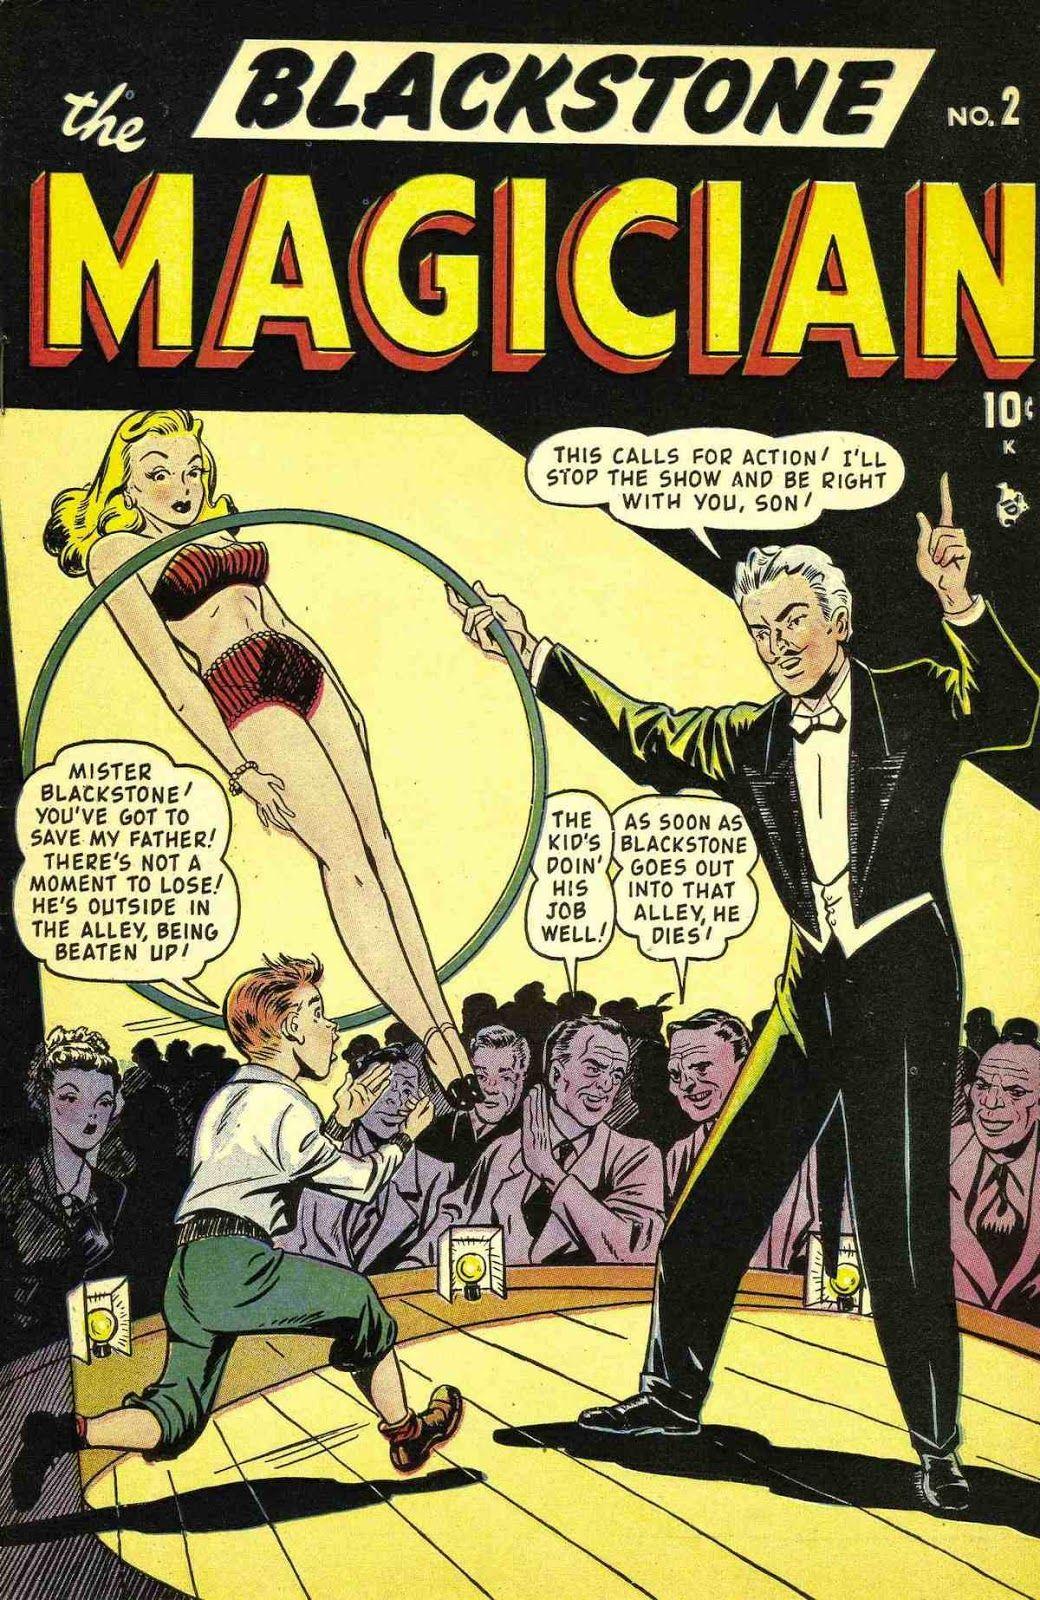 Blackstone the Magician comic book